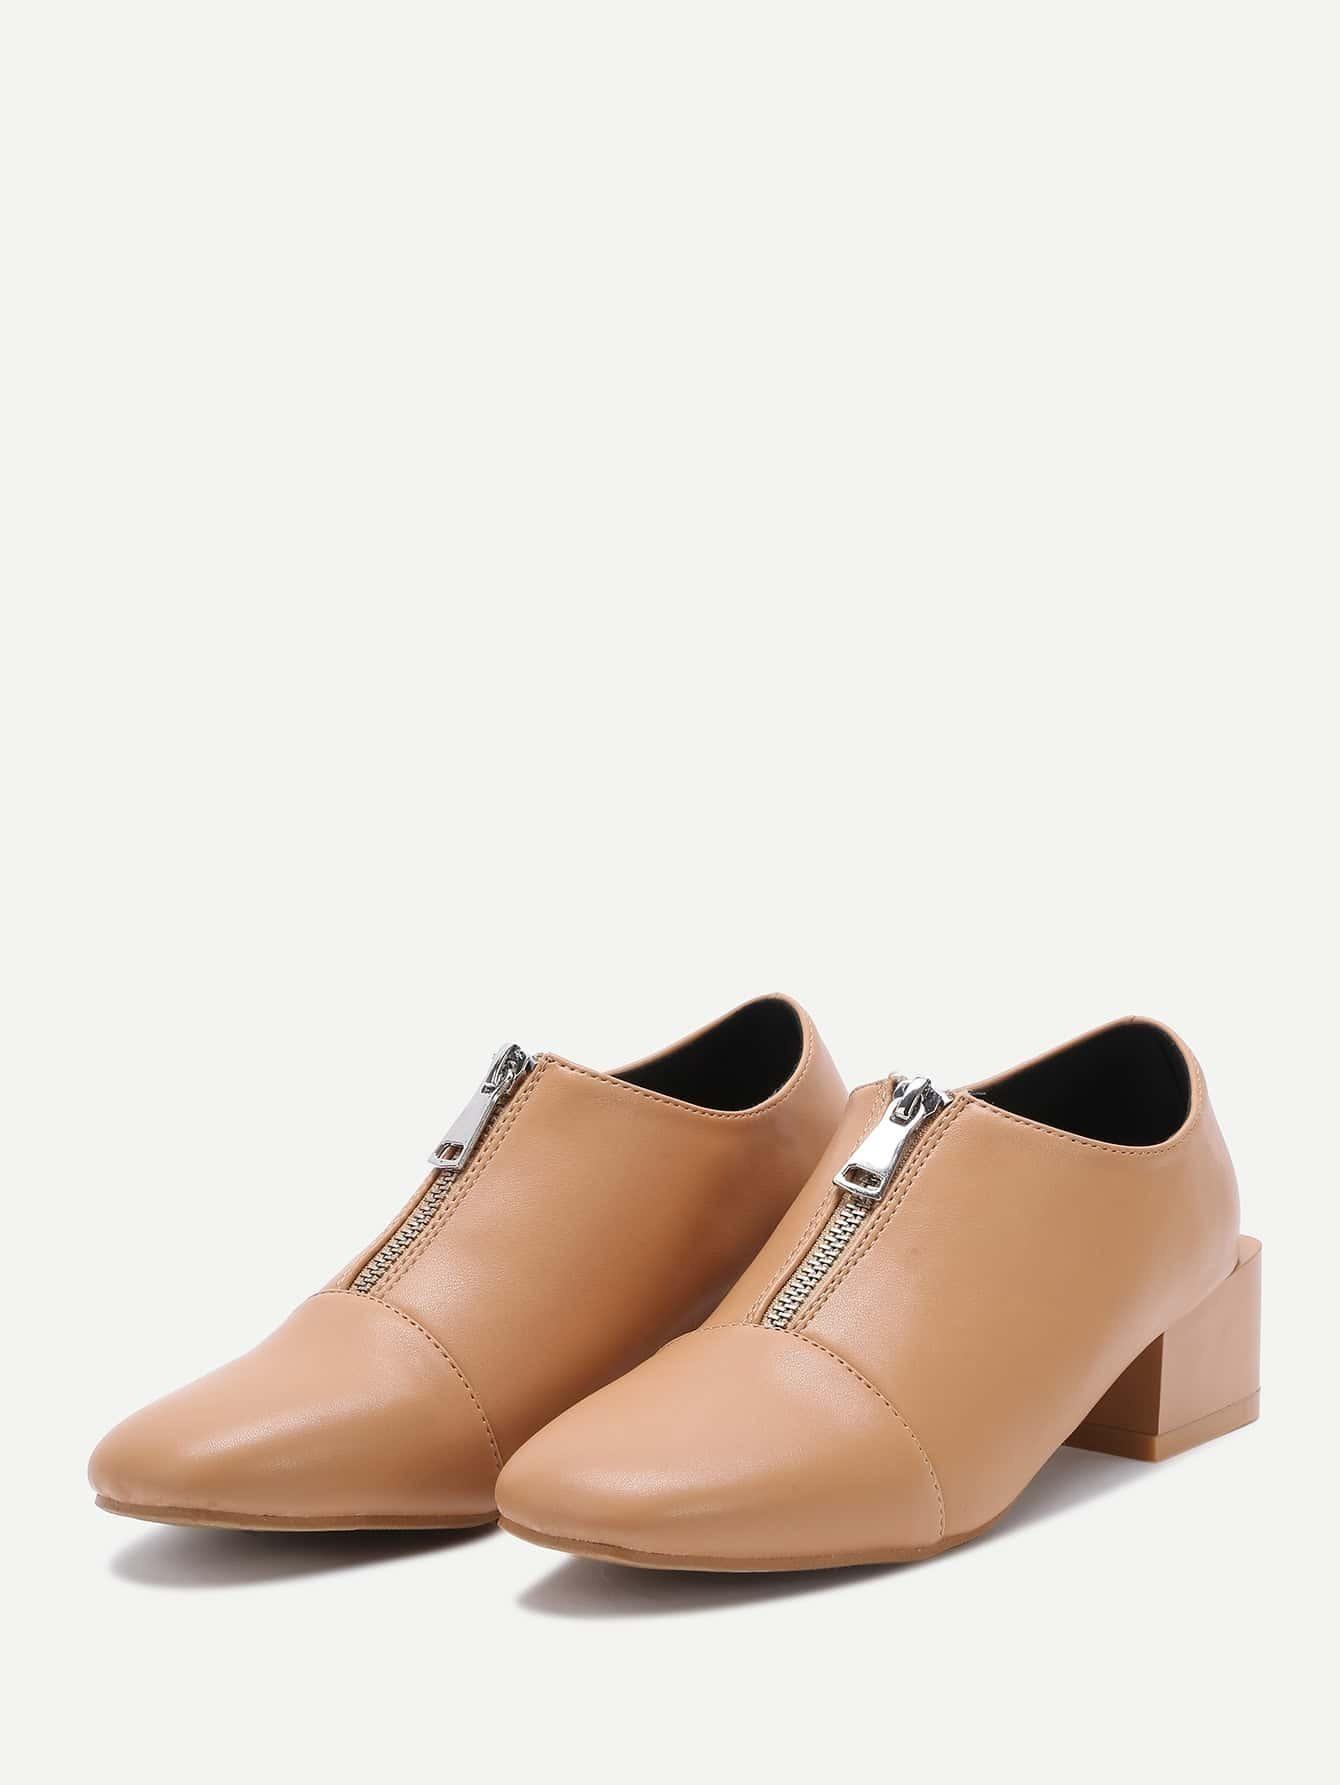 shoes170224804_2